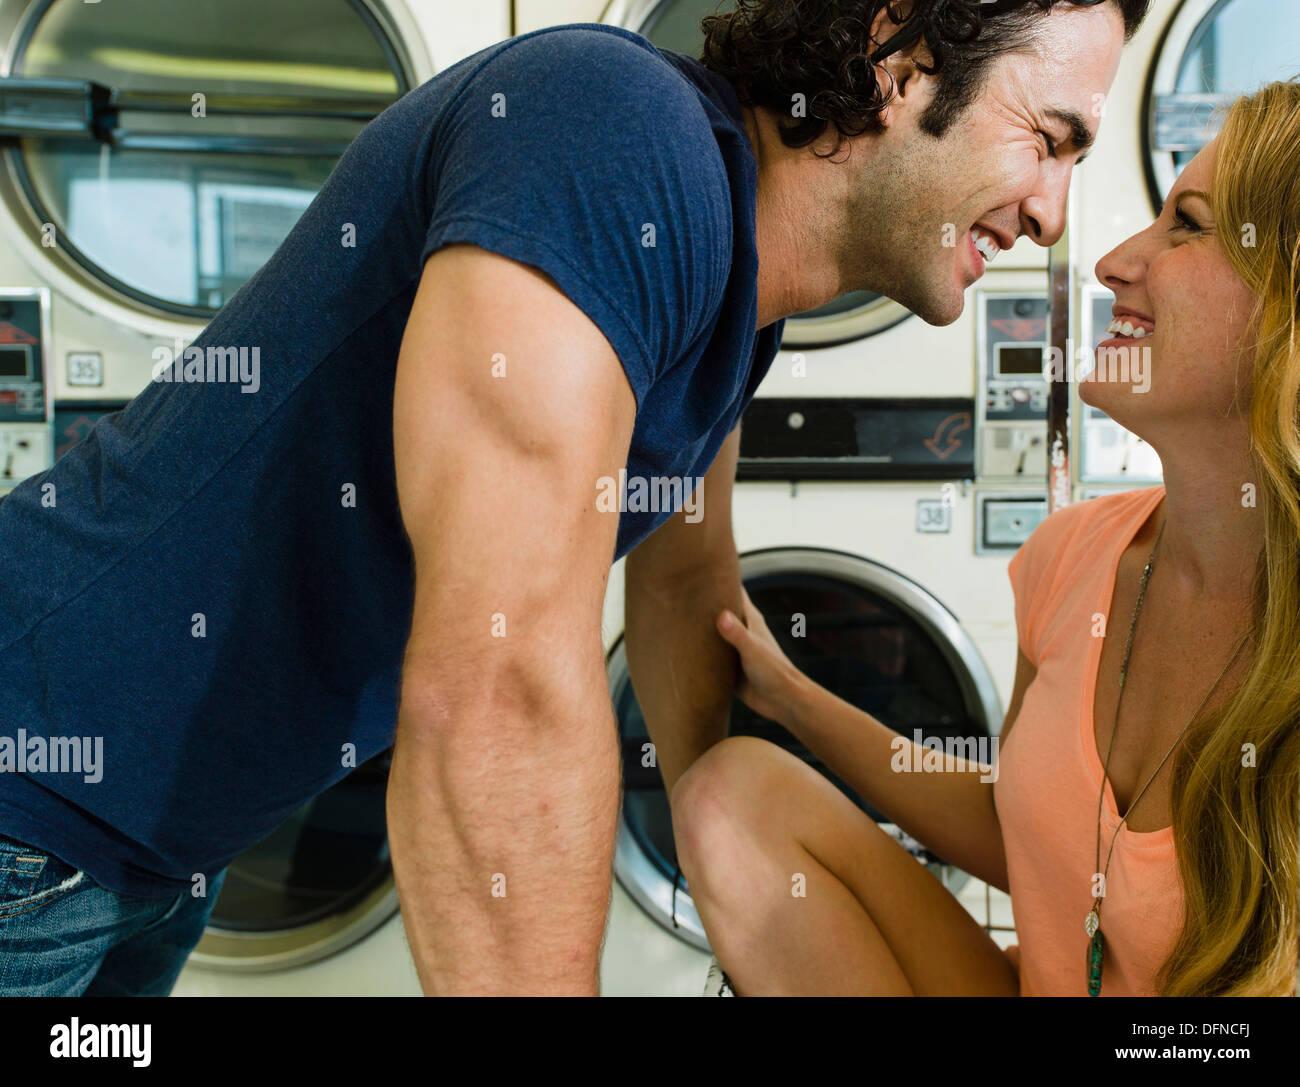 Ein kluger junger Mann ruft in San Diego Münze Waschsalon gemütlich zu einer schönen Frau. Stockbild